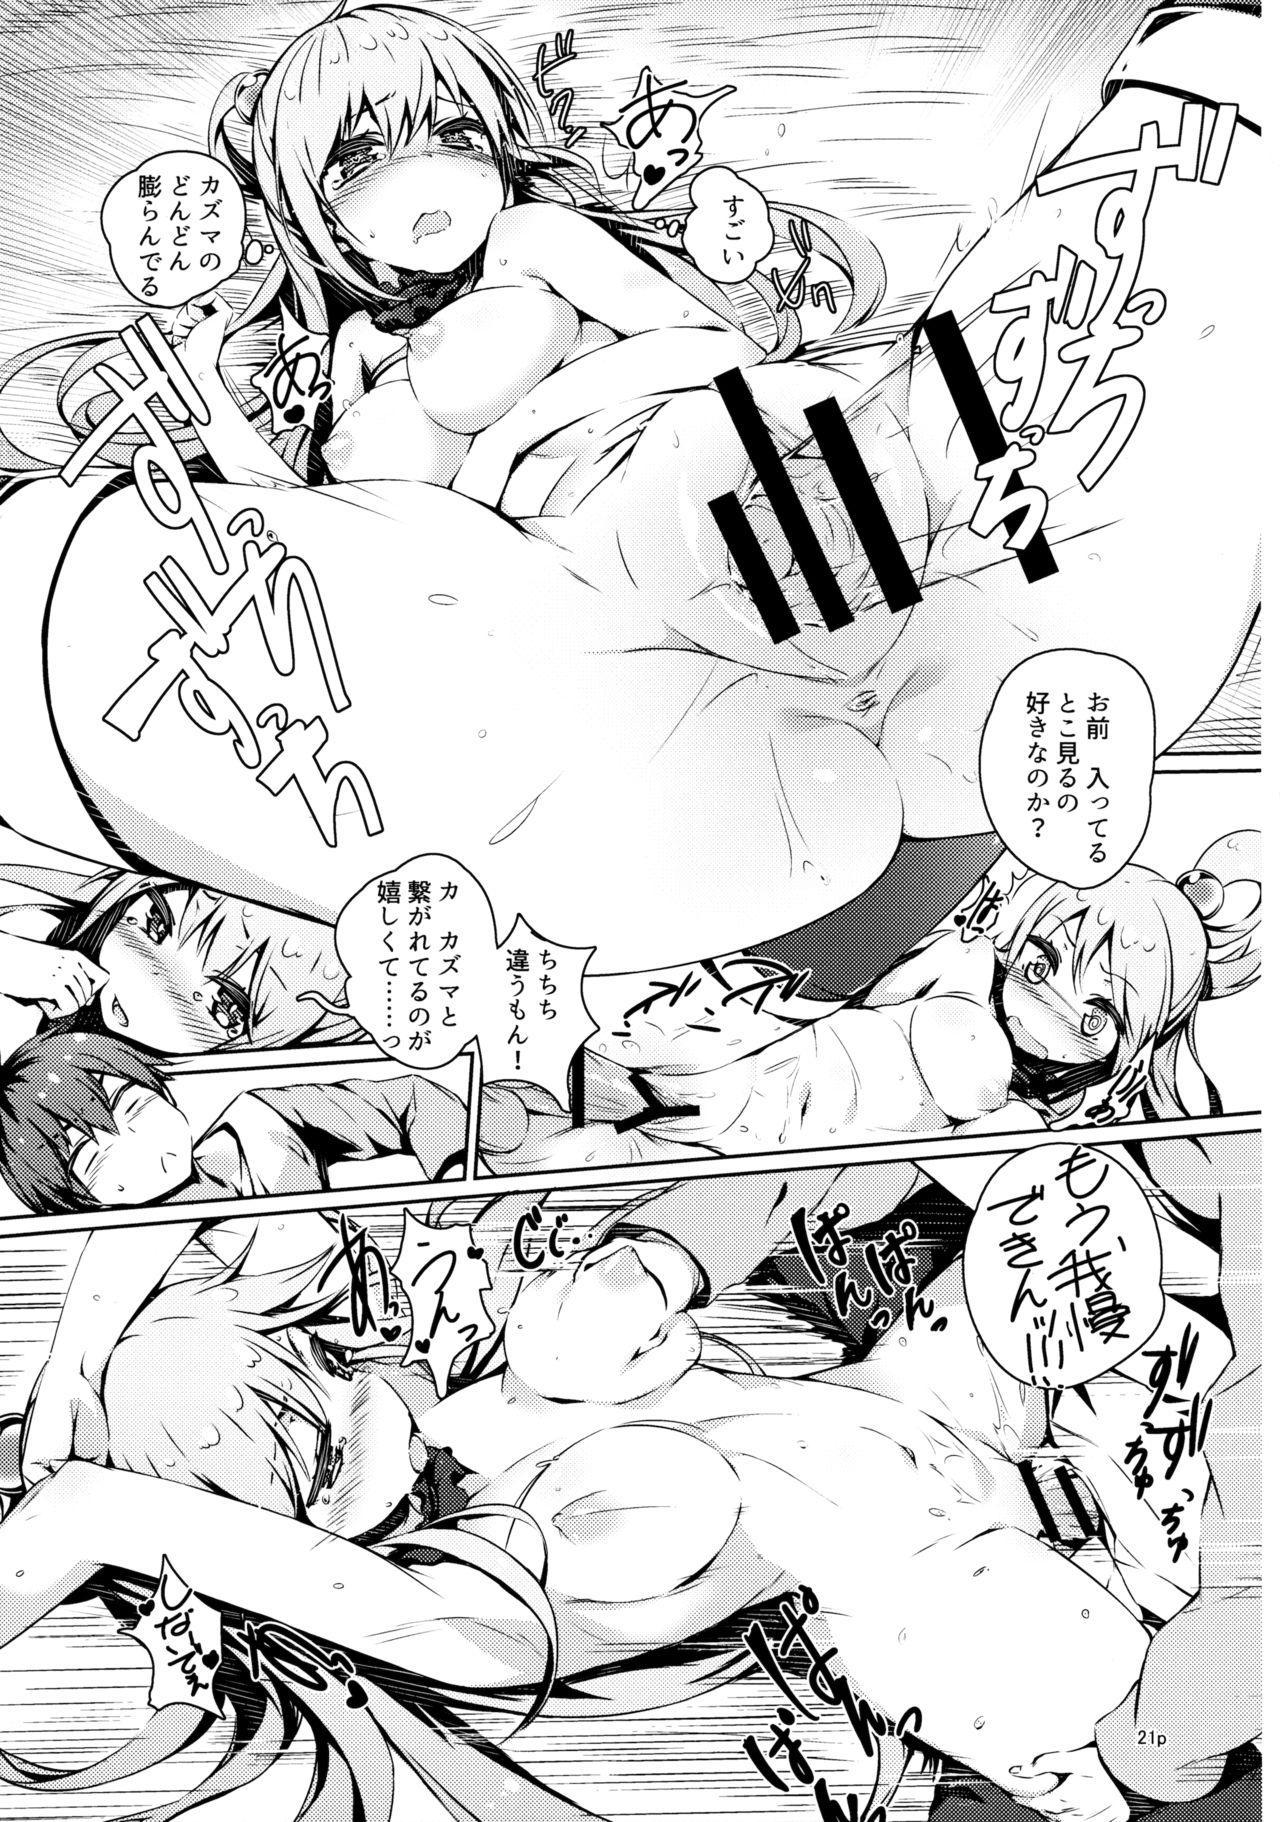 Kono Nikutarashii Megami no Icha Love o! 19